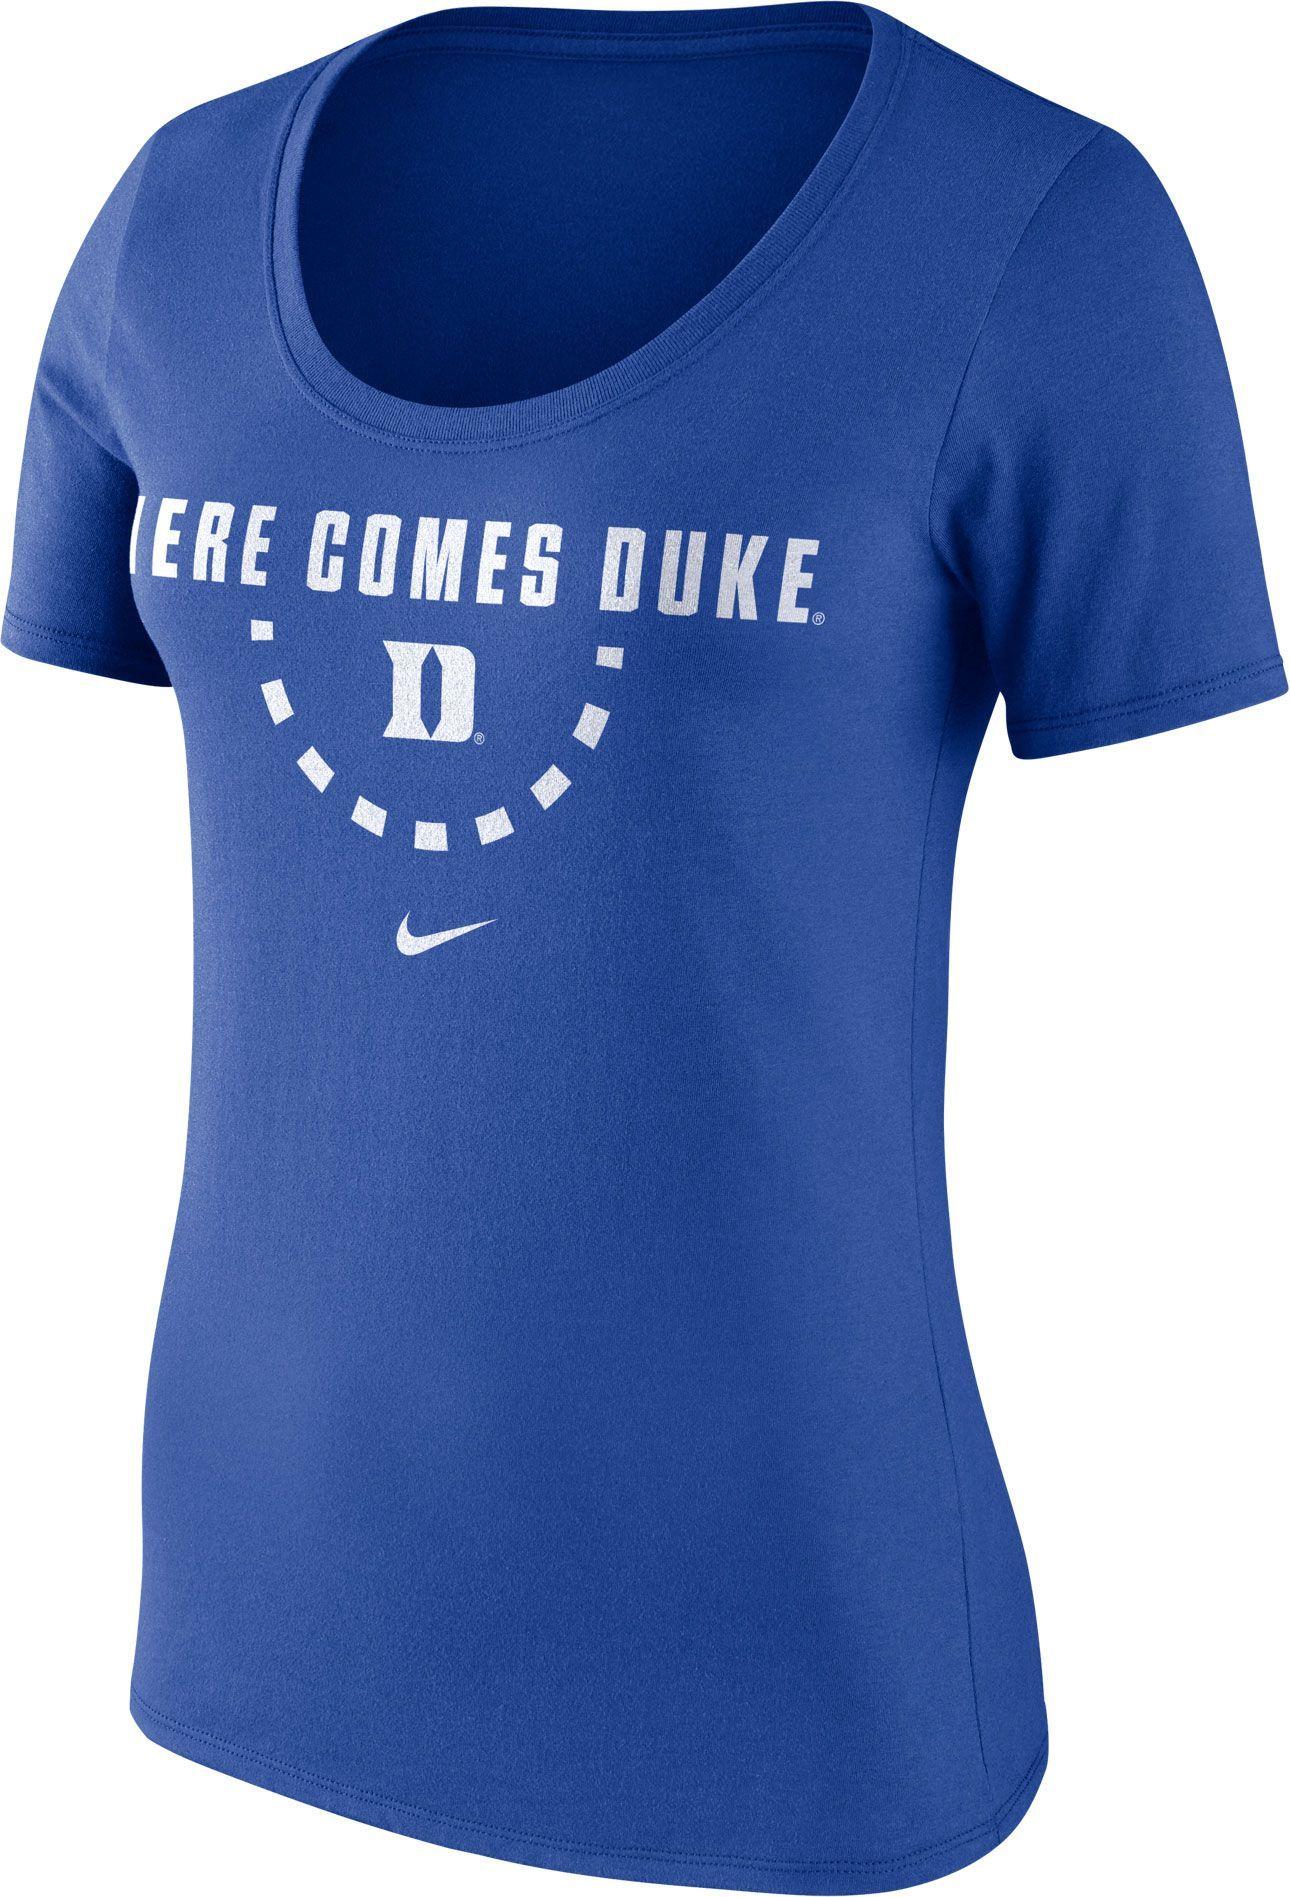 b544615f674d Nike Women s Duke Blue Devils Duke Blue Basketball Mantra T-Shirt ...